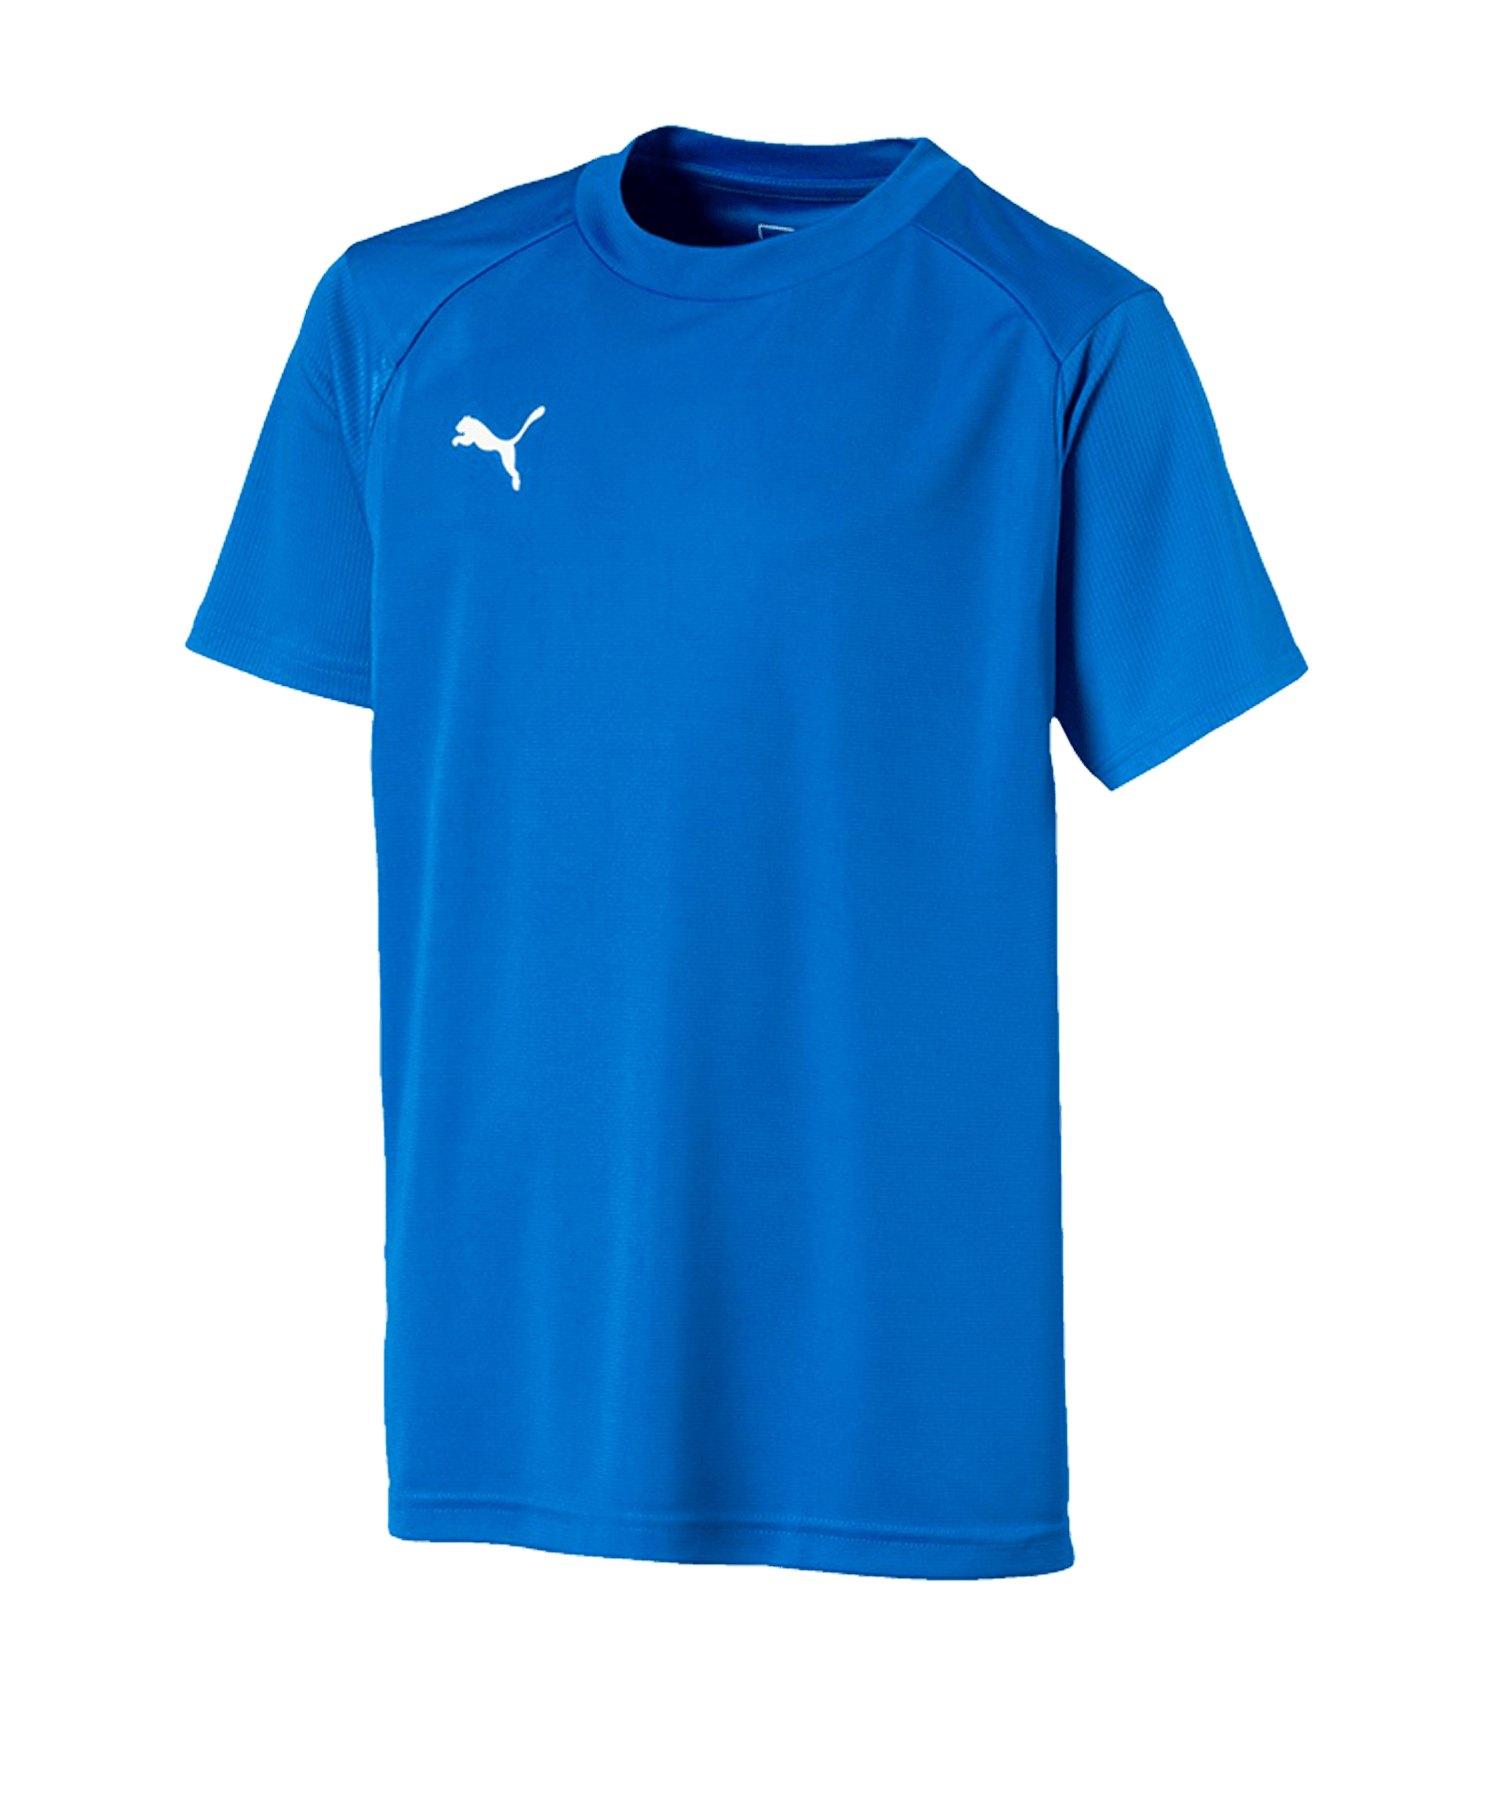 PUMA LIGA Training T-Shirt Kids Blau Weiss F02 - blau